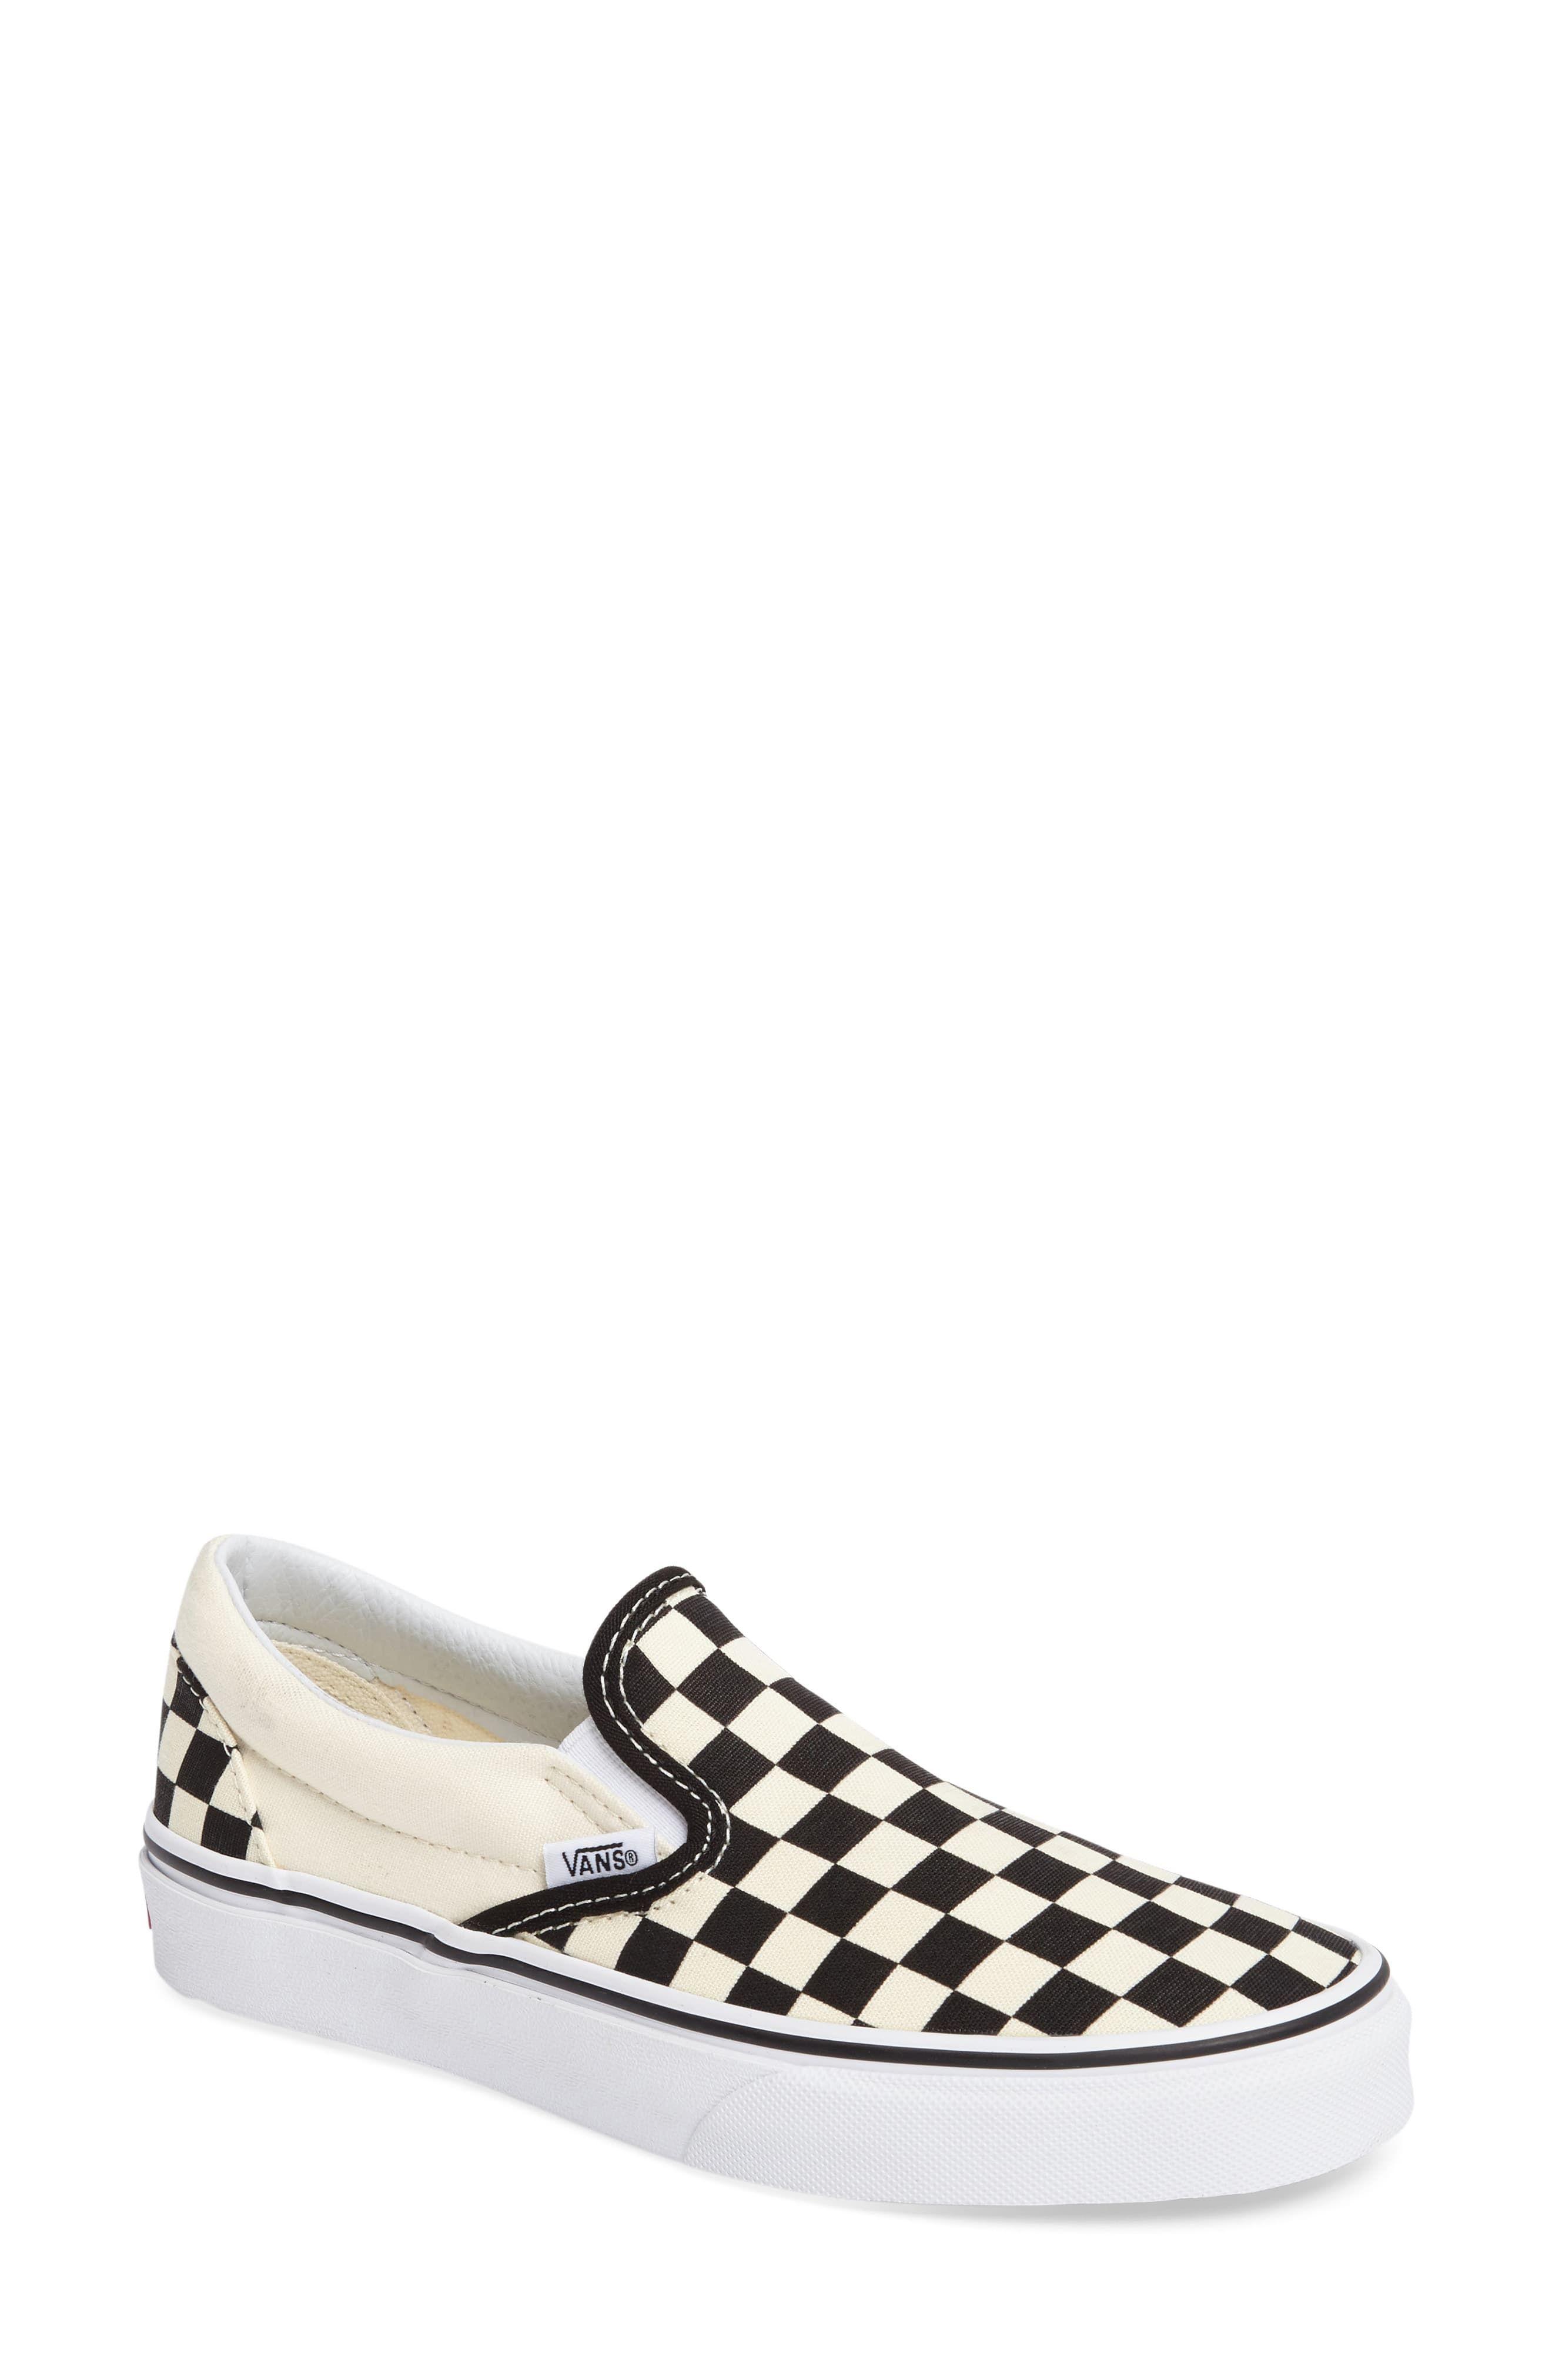 Women's Vans Classic Slip On Sneaker, Size 8.5 M Black